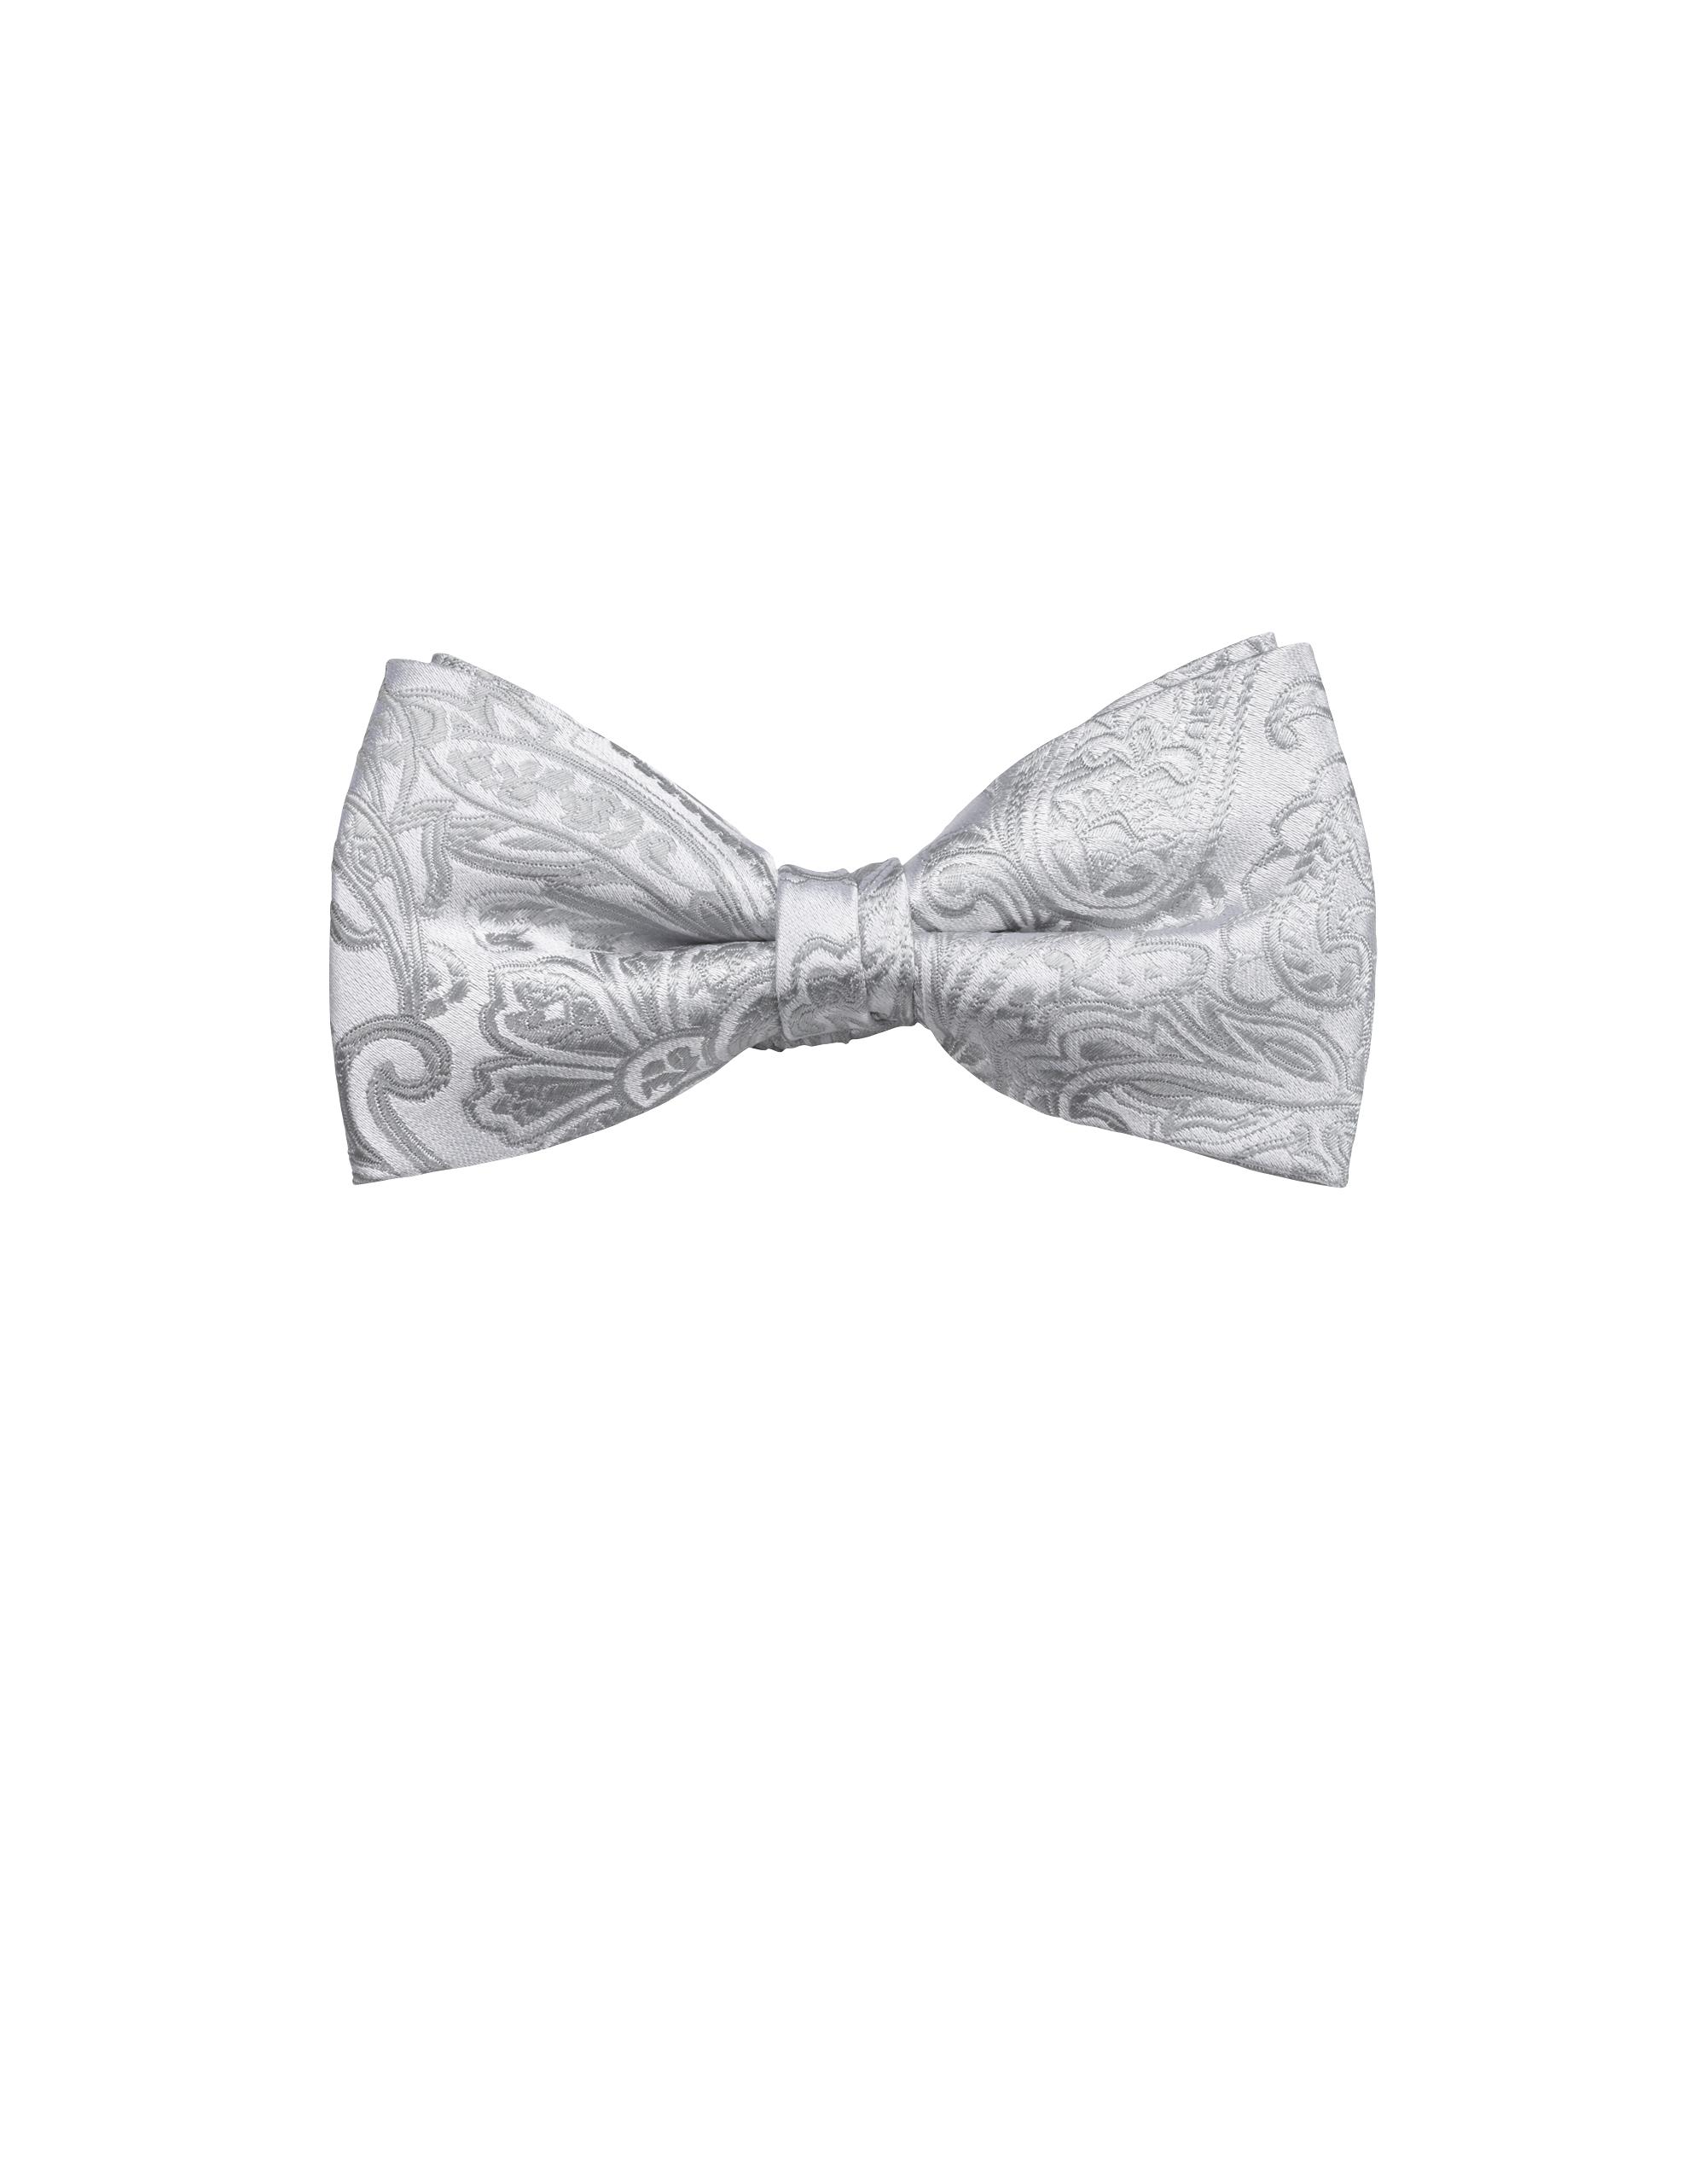 OLYMP Fliege Krawatte, Silbergrau, | Accessoires > Krawatten > Sonstige Krawatten | Silbergrau | 100% seide | OLYMP Fliege